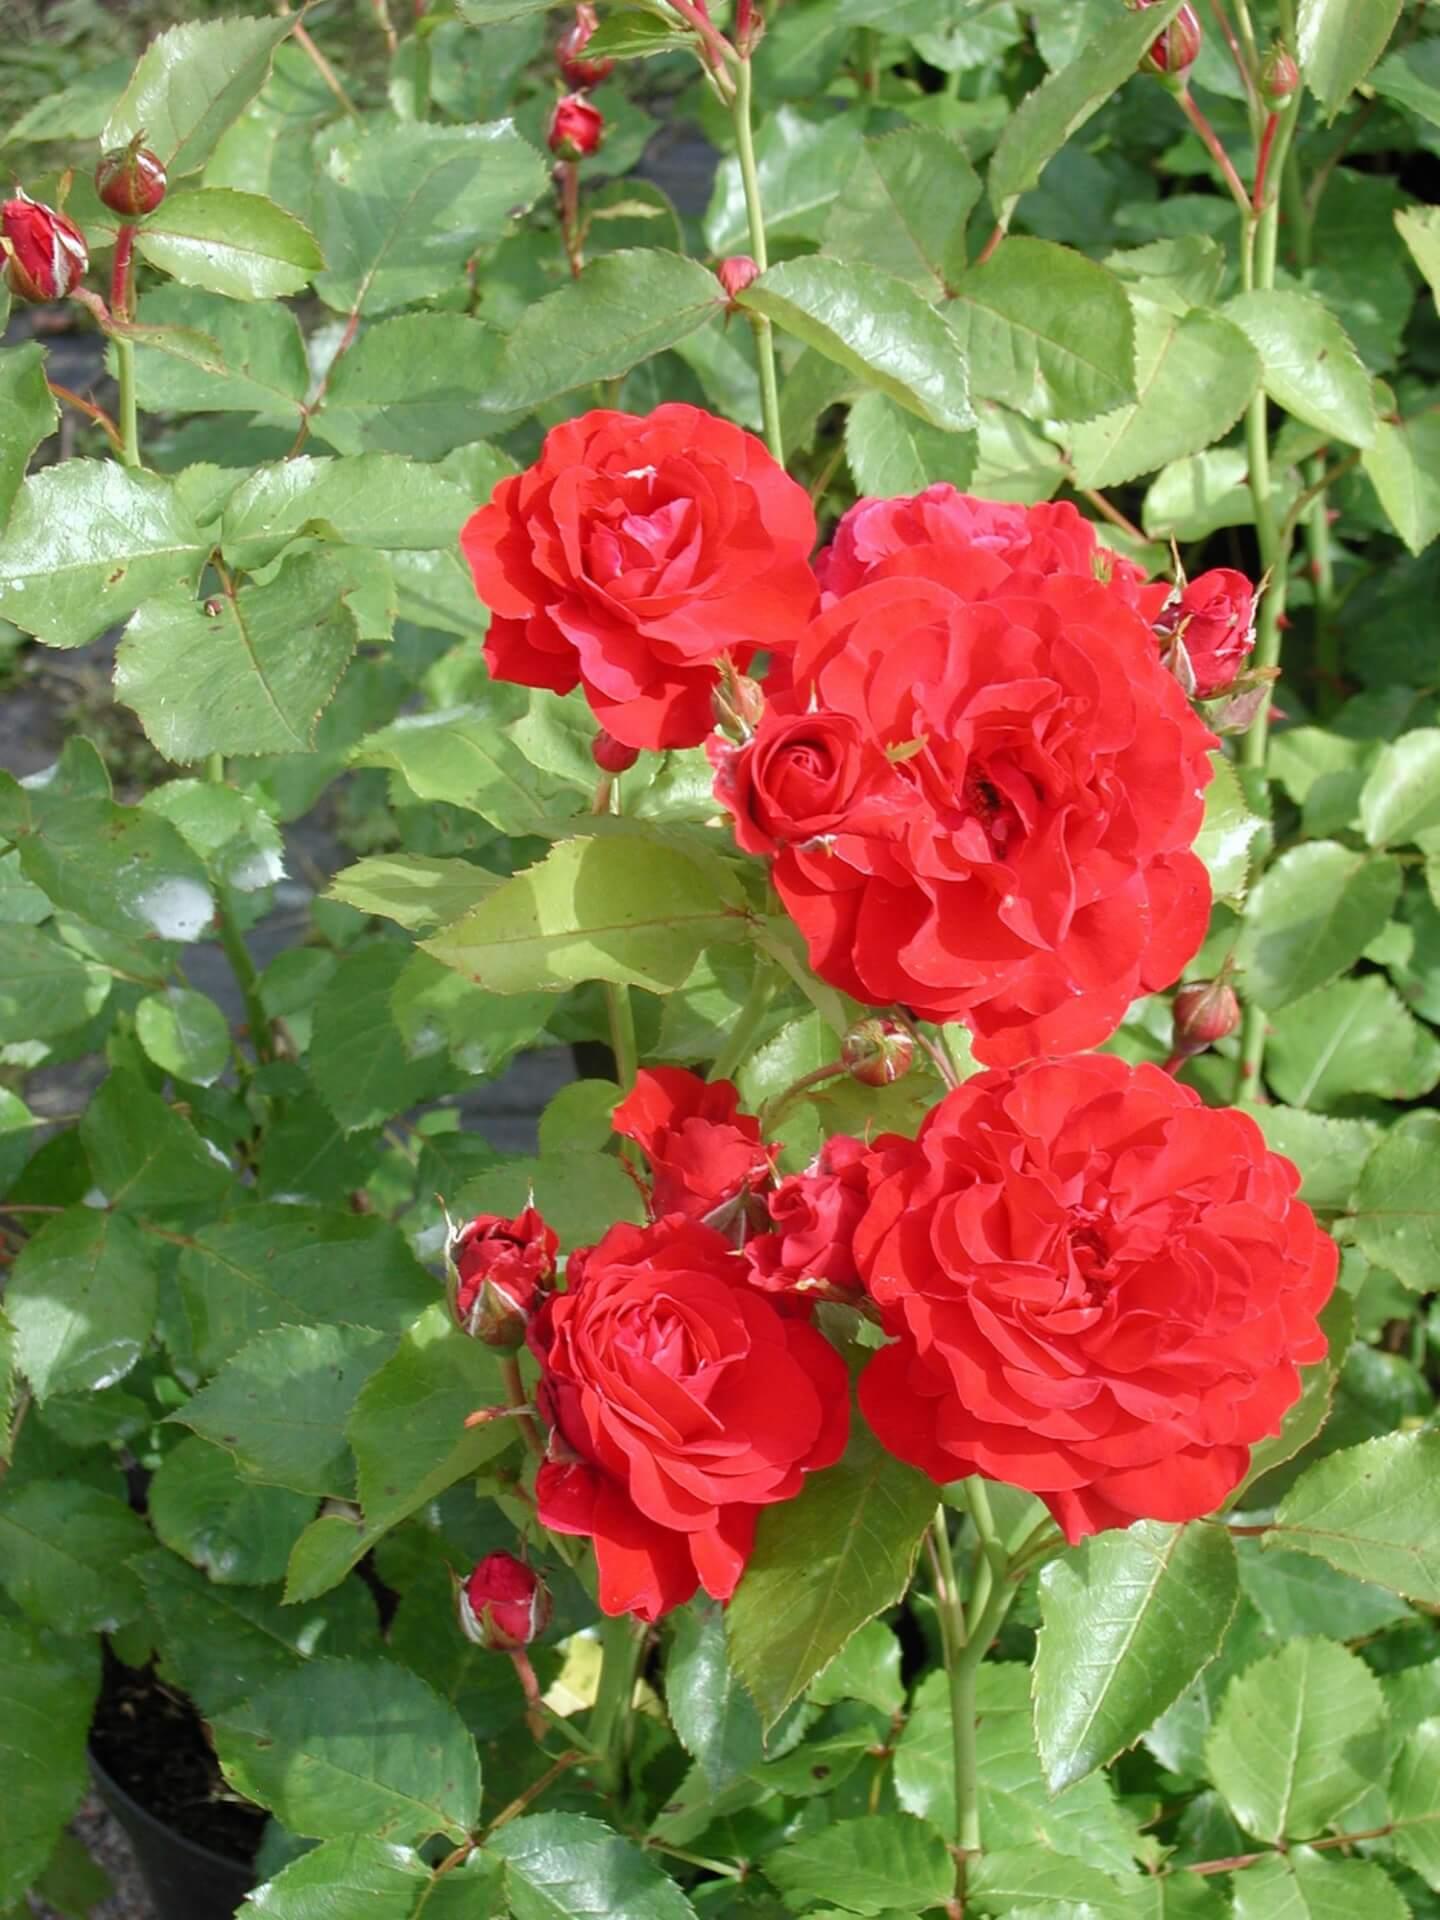 Описание сорта розы хайди клум: плюсы и минусы цветка, как выращивать, уход